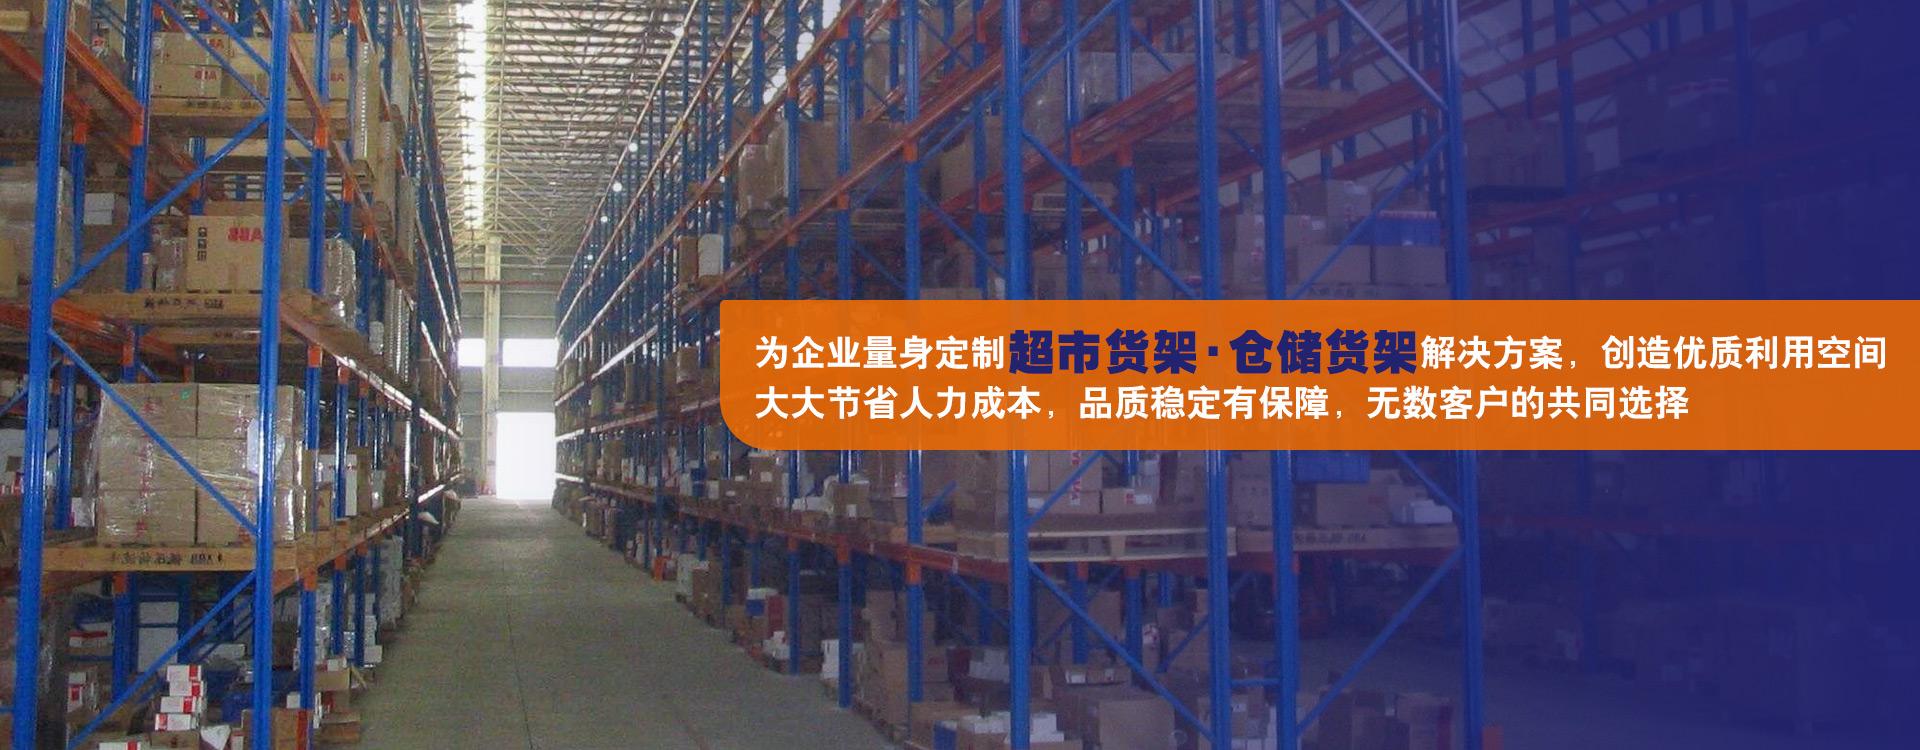 为各个行业广大客户的工厂、仓库及物流厂房提供存储系统的解决方案